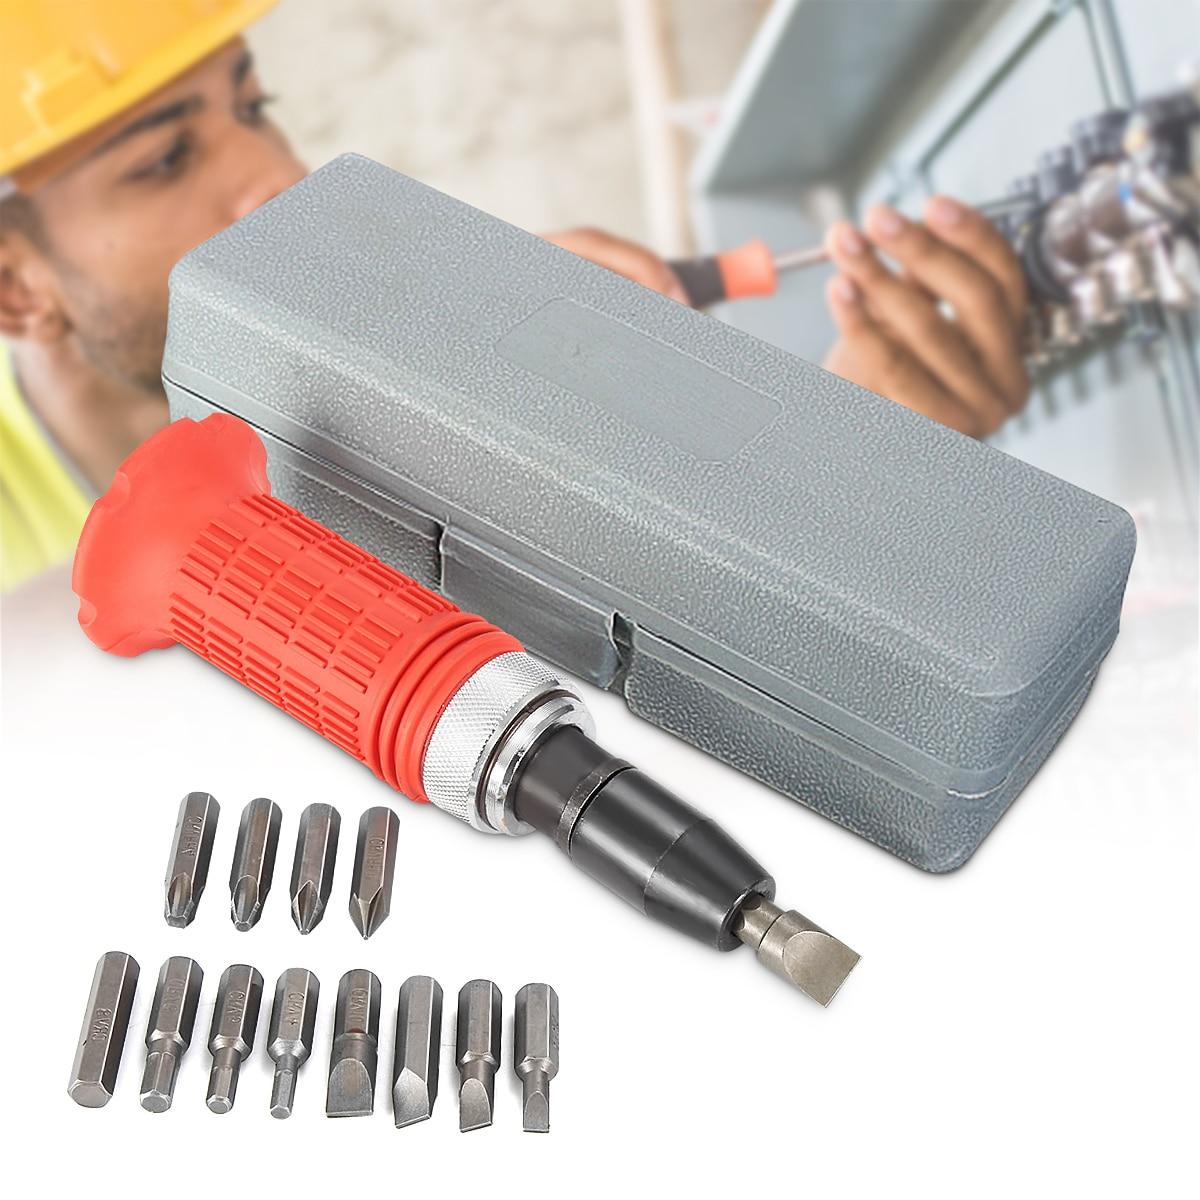 Multi-purpose Impact Screwdriver Set Driver Carbon Steel Multi Bits Hammer Socket Repair Kit Storage Box Screwdriver Head Set